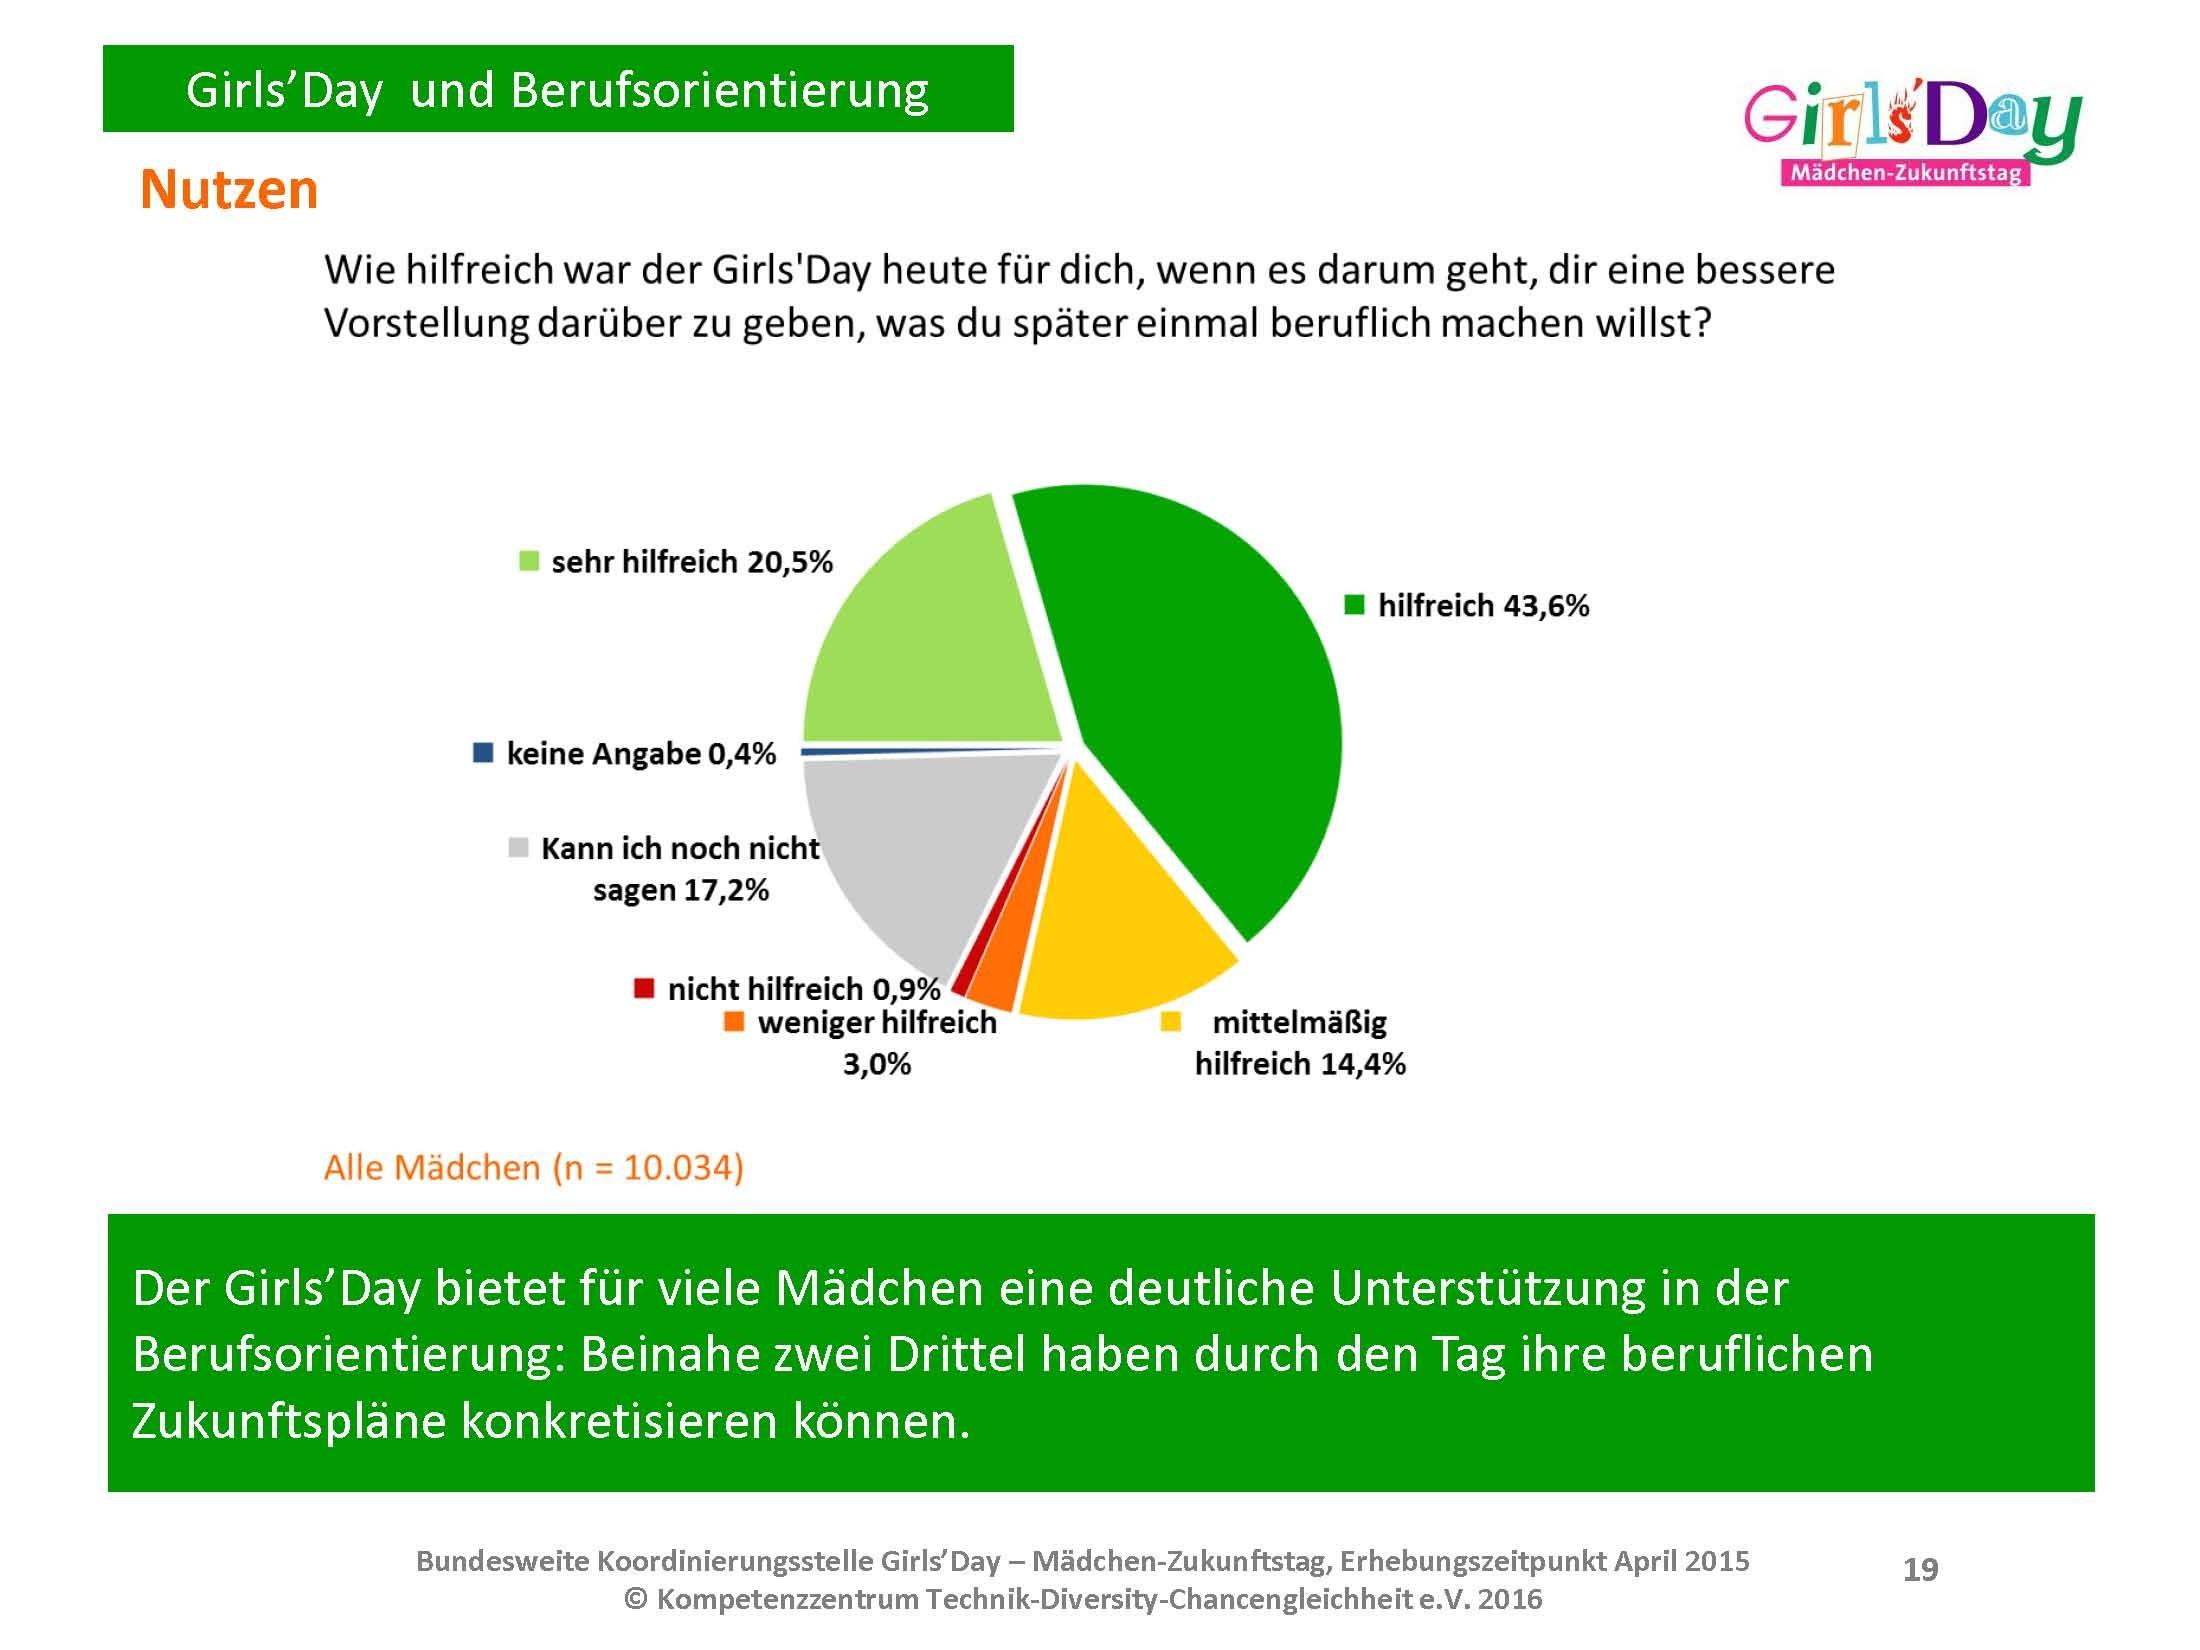 Girls'Day-Evaluationsergebnisse 2015 | Zusammenfassung